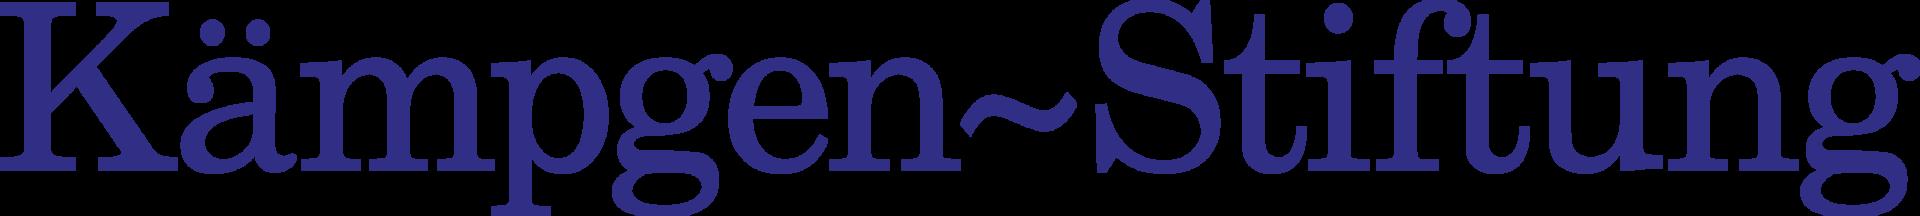 Kämpgen_Stiftung